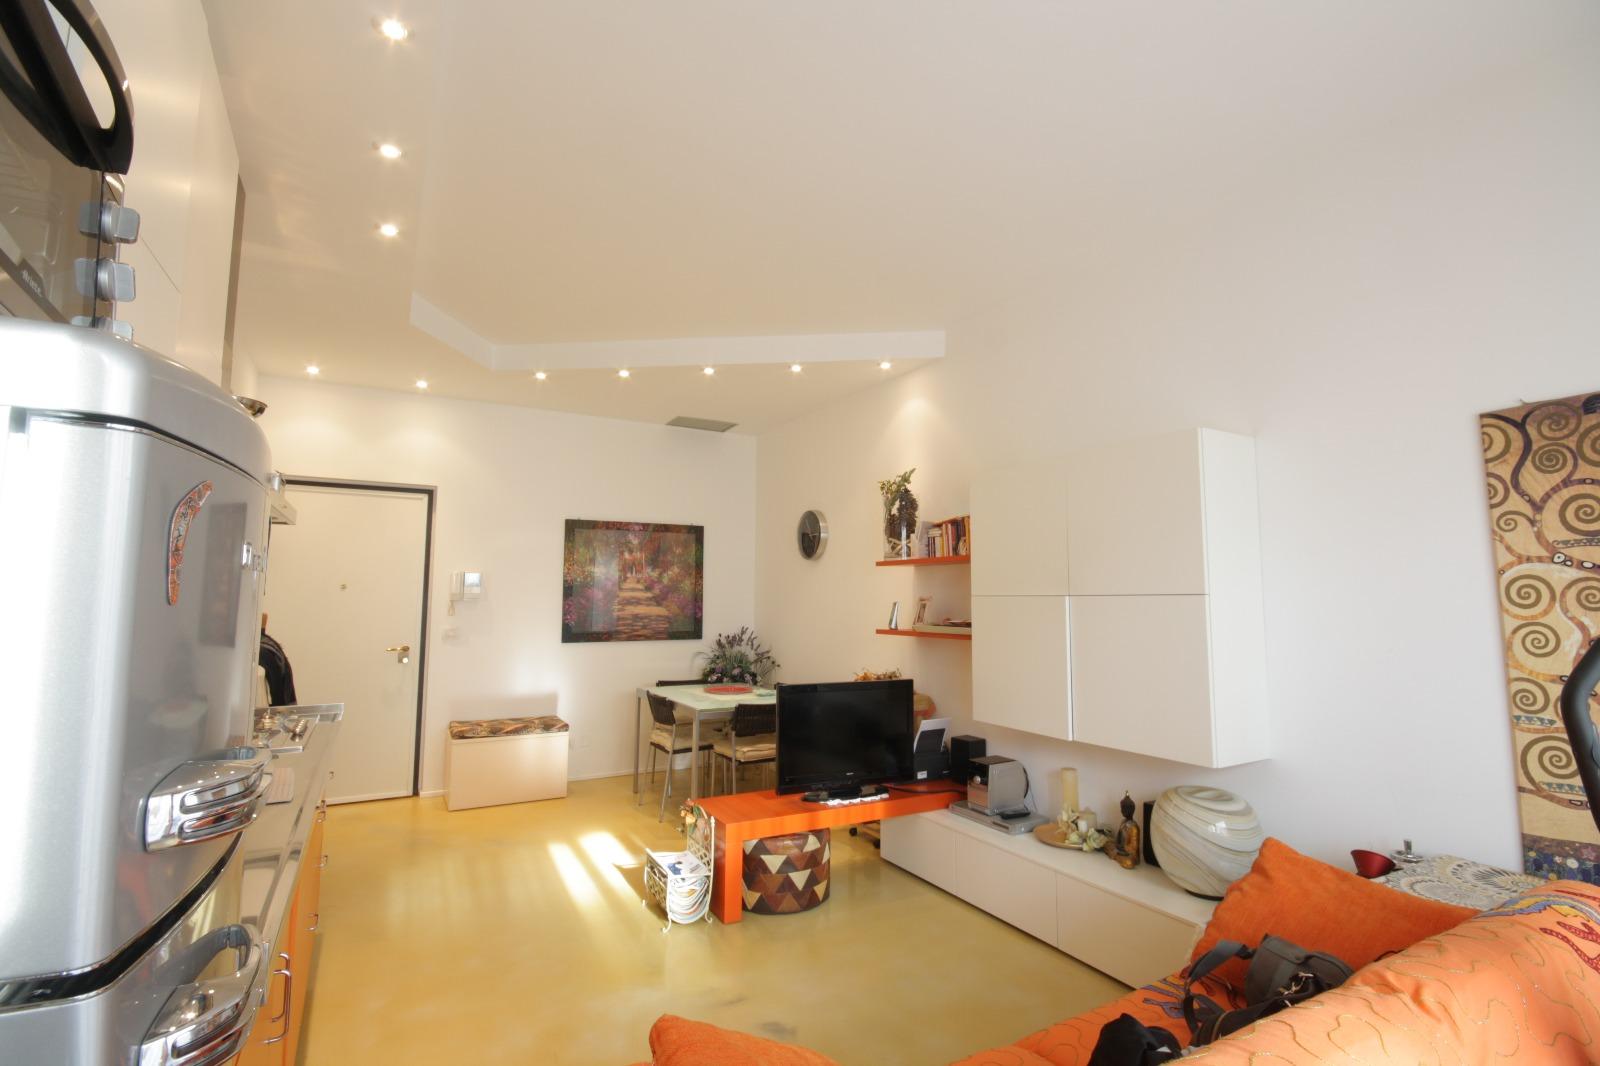 RICCIONE ABISSINIA/CENTRO, Elegante appartamento recentemente ristrutturato in vendita